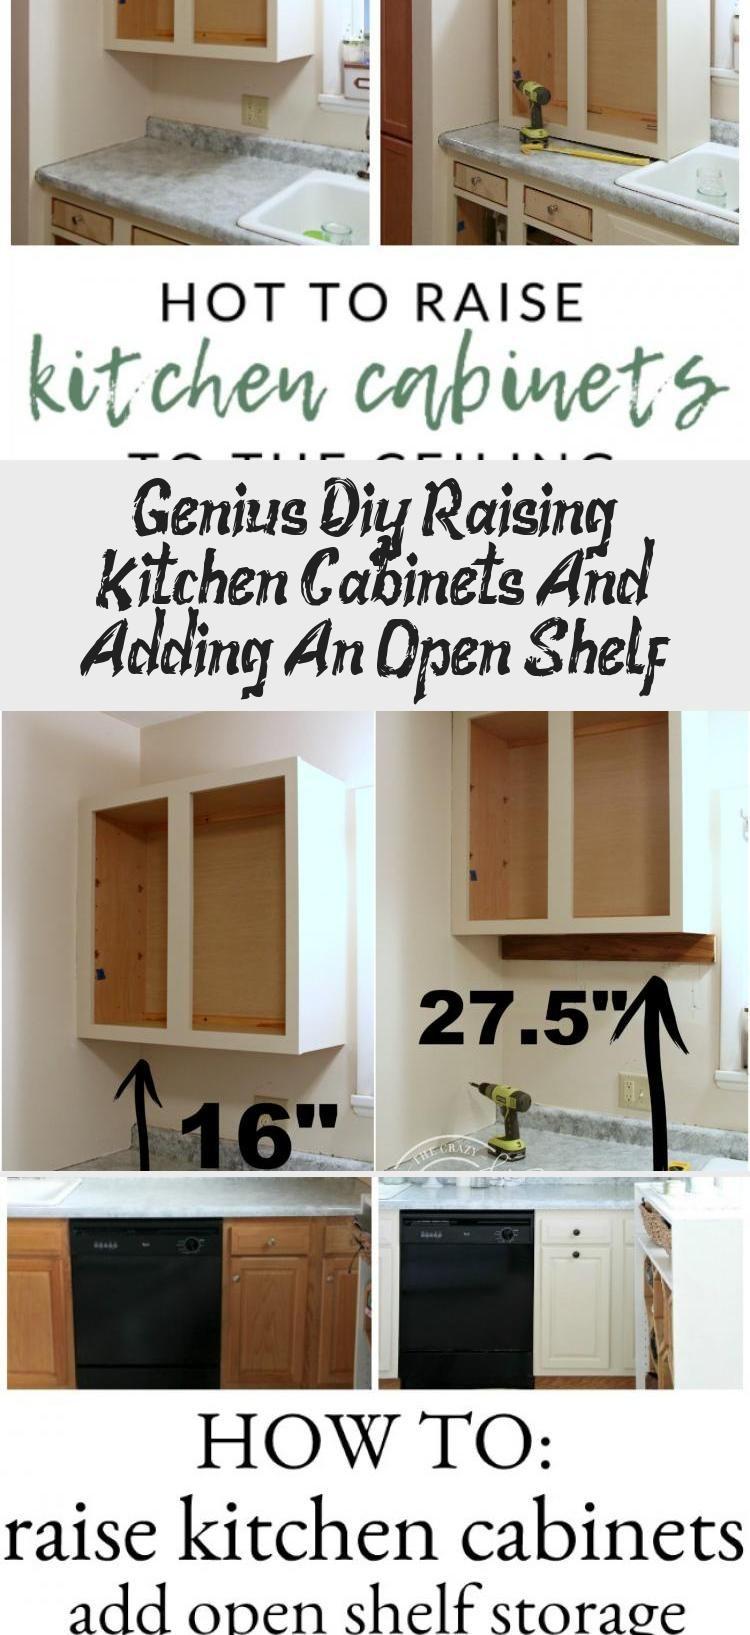 Genius Diy Raising Kitchen Cabinets And Adding An Open Shelf Kitchen Storage Solutions Diy Kitchen Decor Diy Kitchen Cabinets